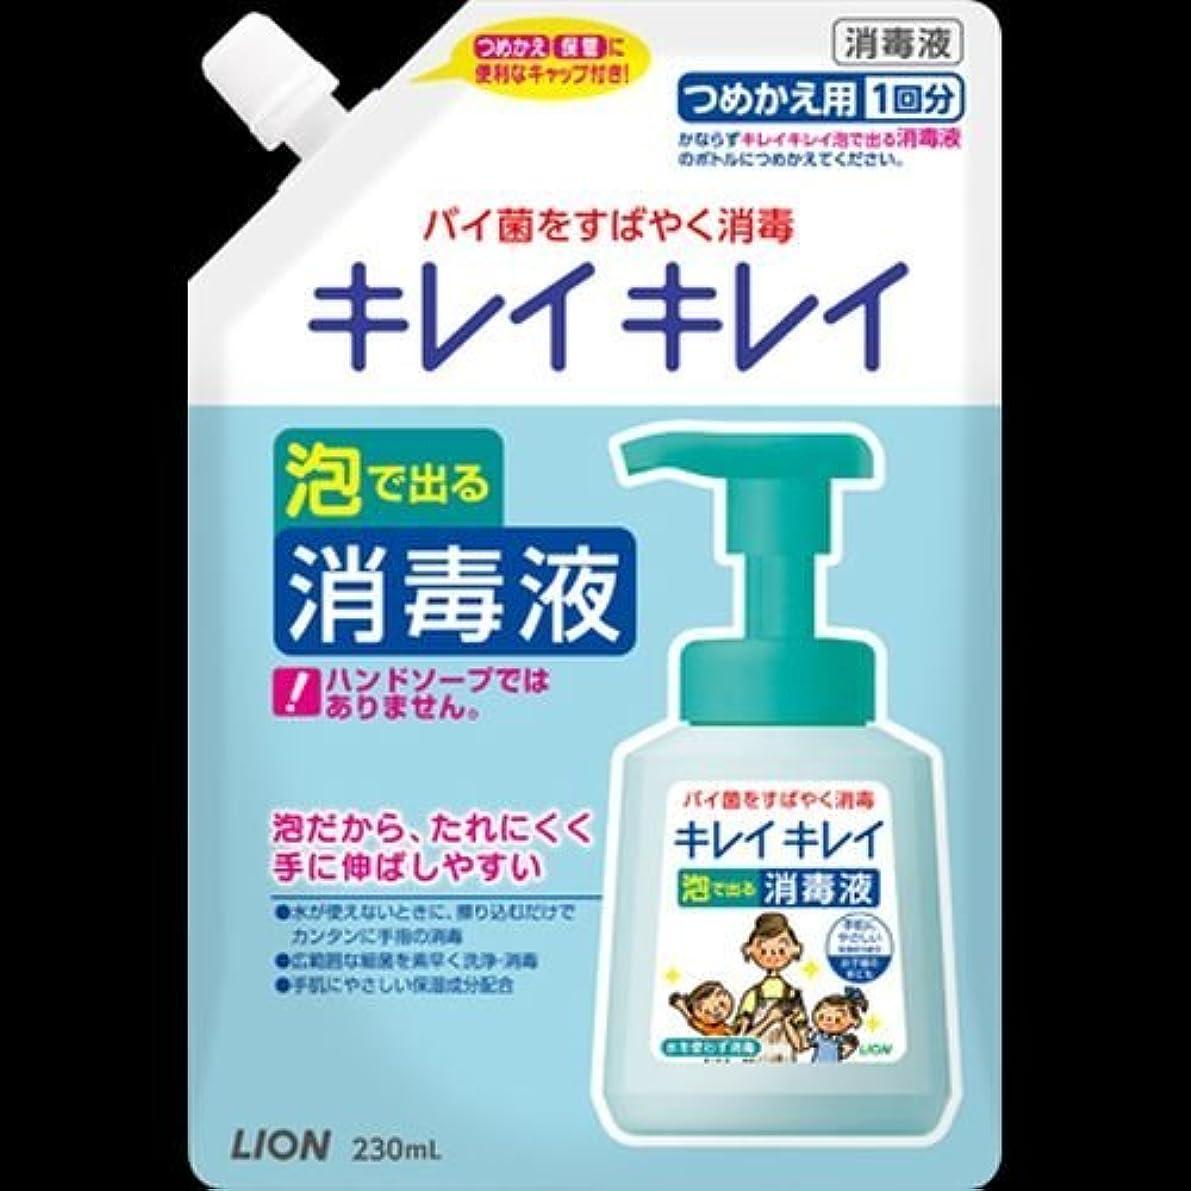 ご近所レトルトペチュランスキレイキレイ 薬用泡ででる消毒液 つめかえ用 230mL ×2セット